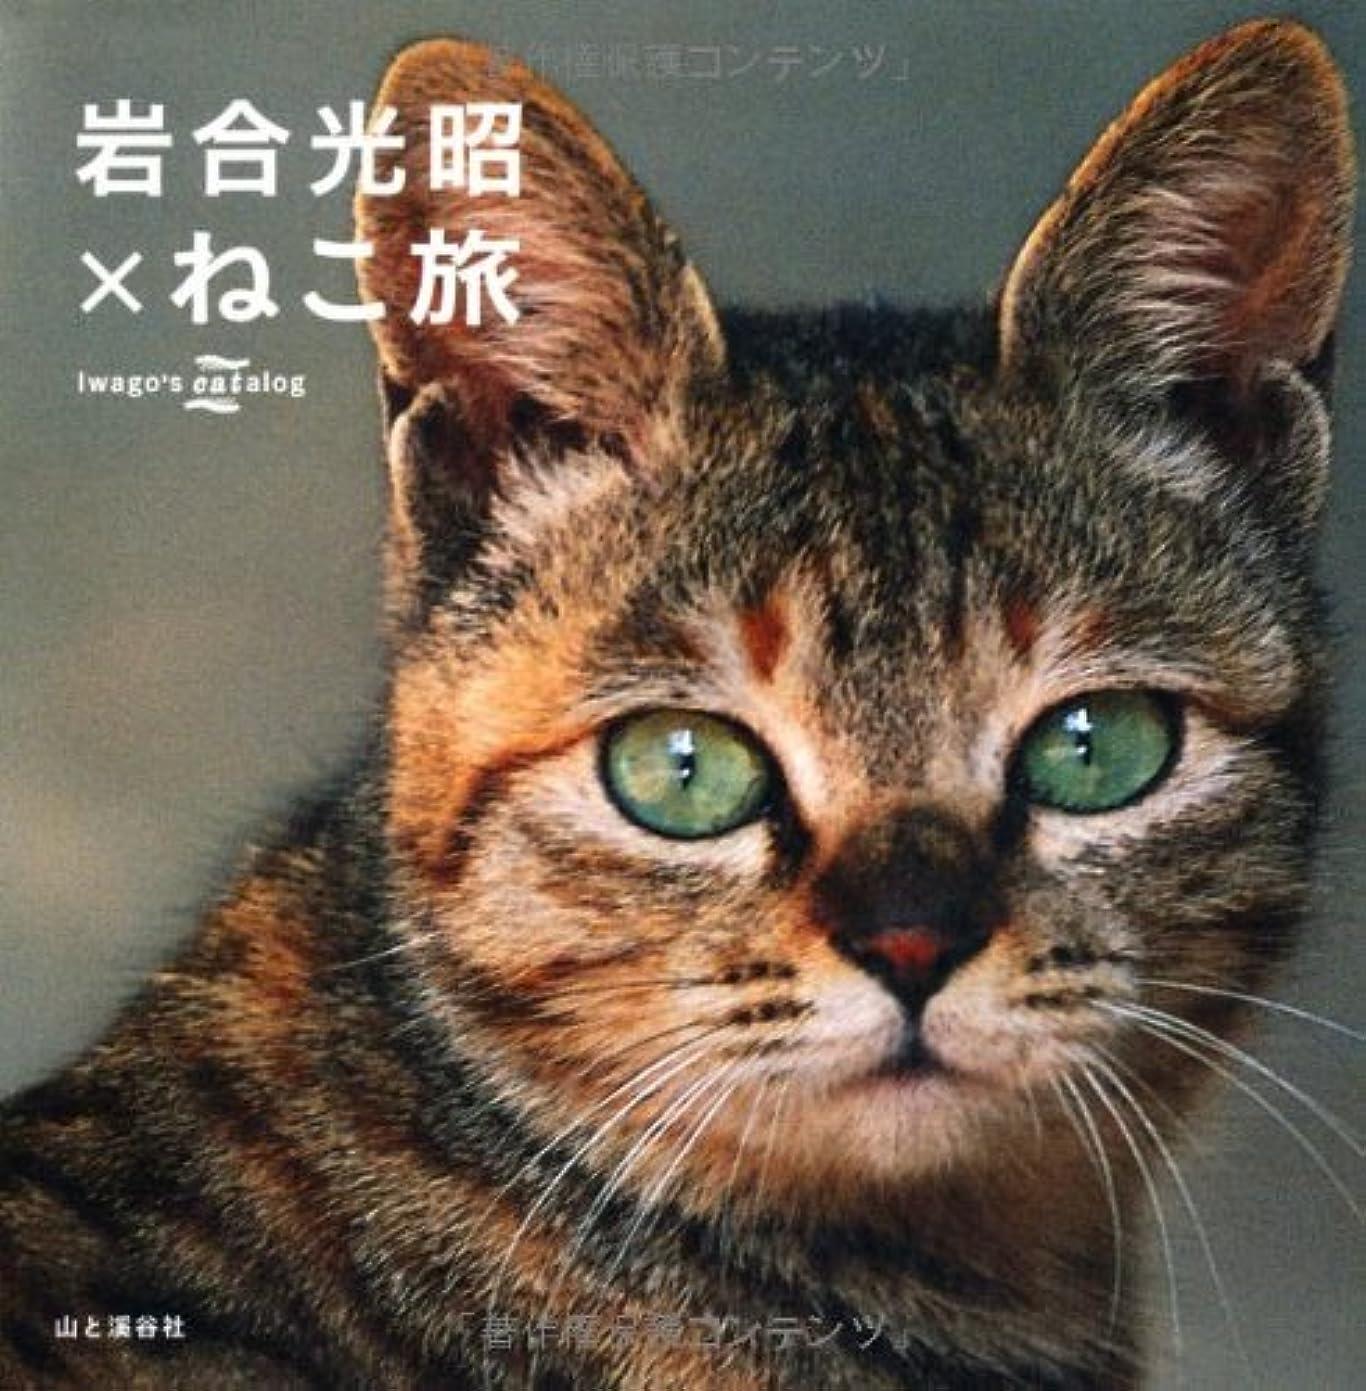 大気高齢者野球Hanako (ハナコ) 2018年 6月14日号 No.1157[公園と、動物園と。]